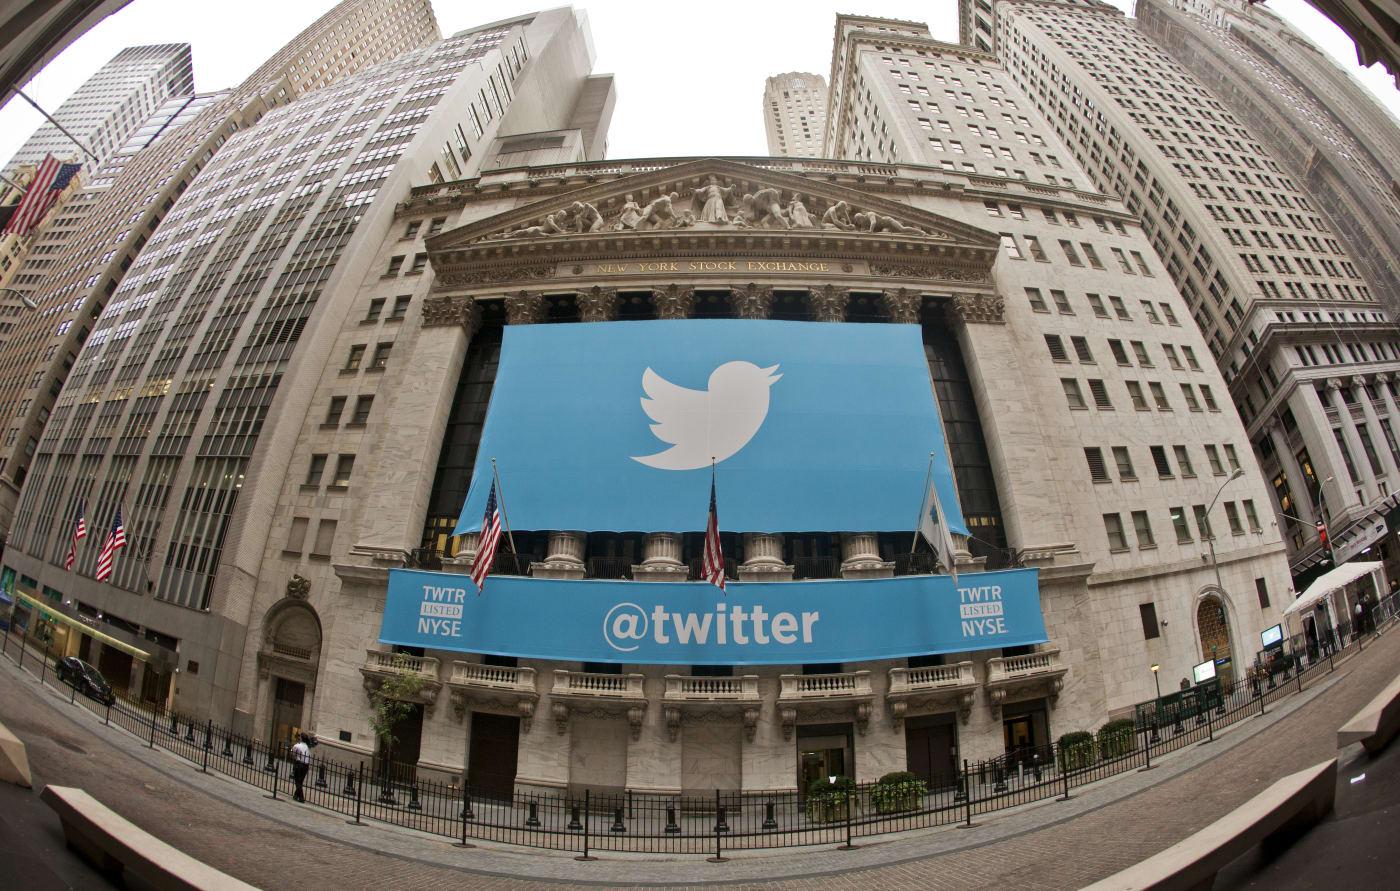 Twitter secondo le informazioni ricevute progetta di incastonare gli utenti cinguetta accanto agli annunci